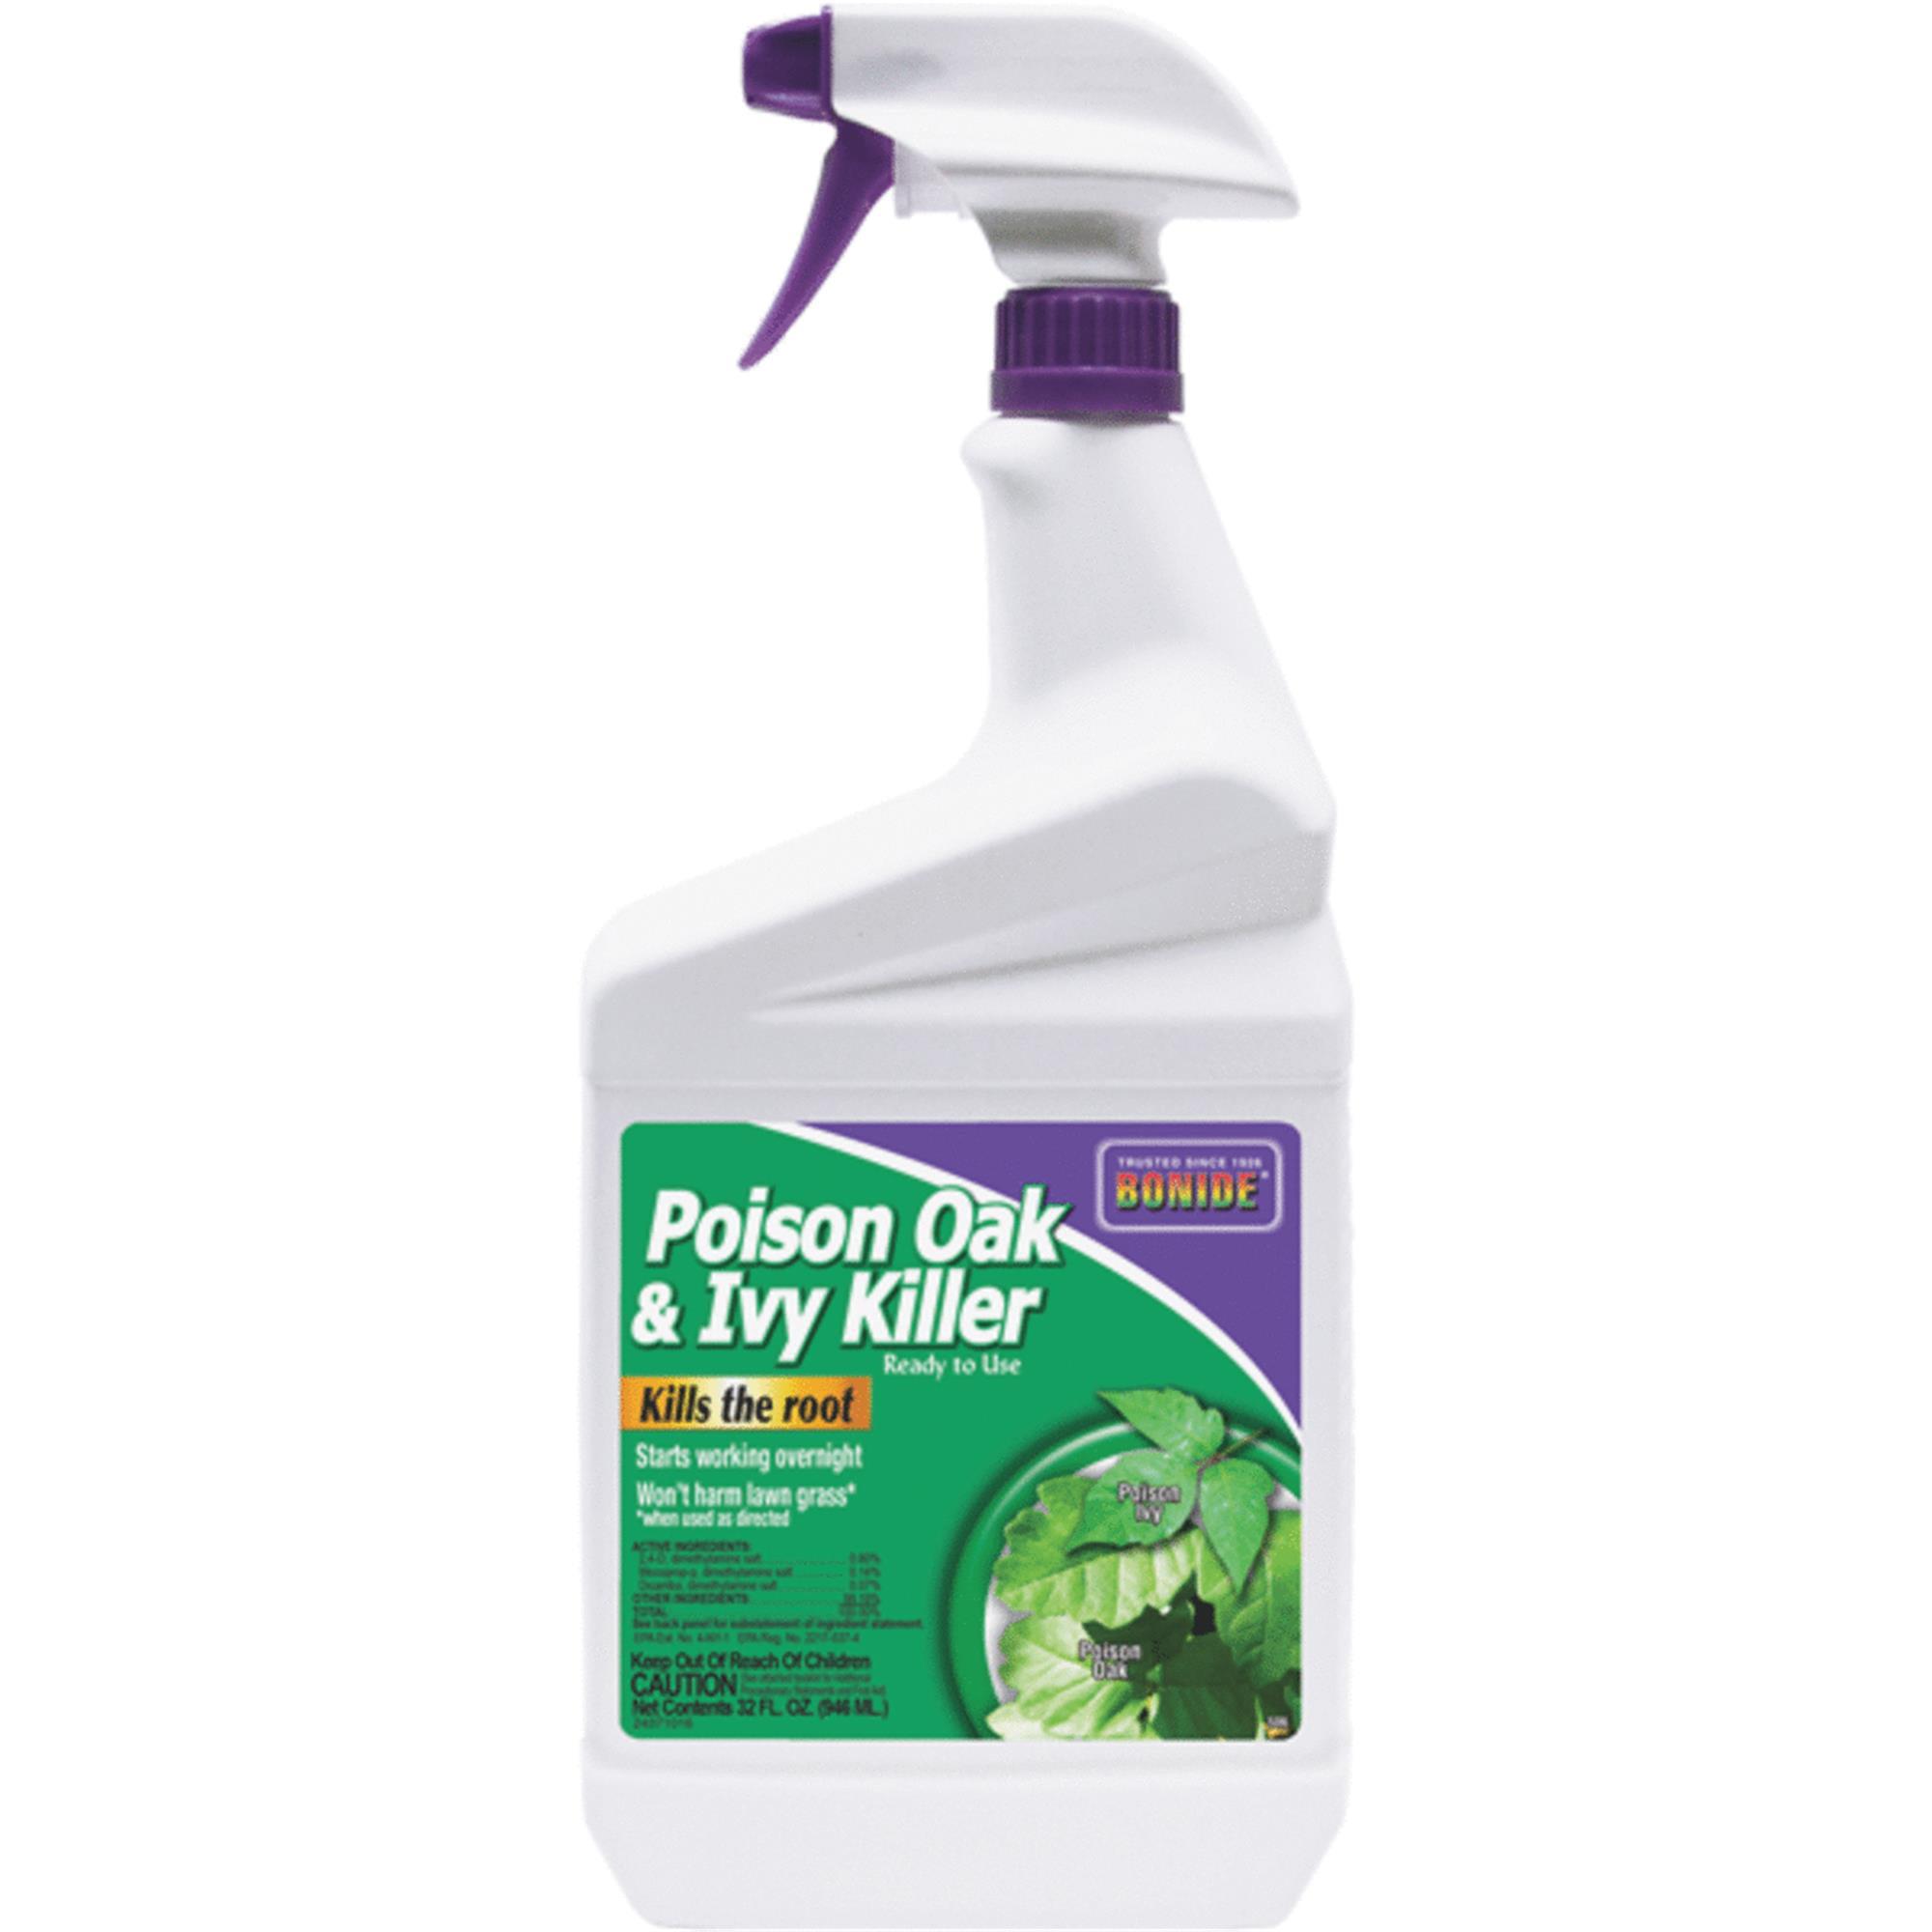 Bonide Poison Oak And Ivy Killer